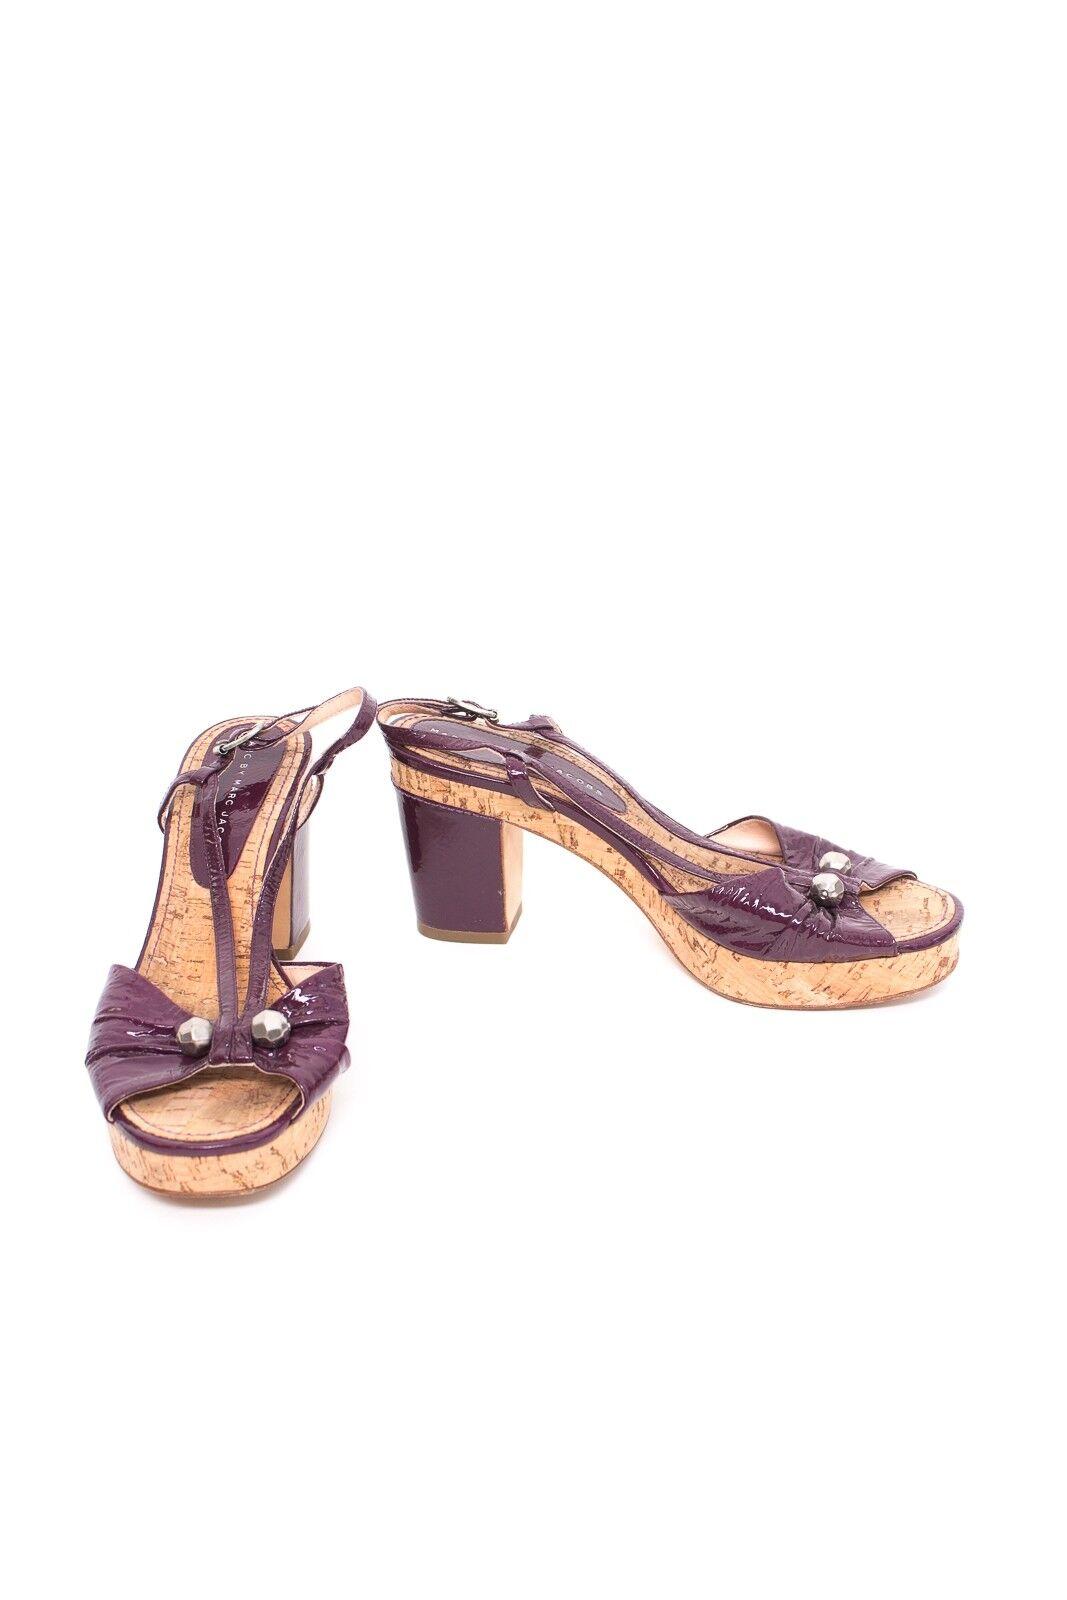 Marc by Marc Jacobs Jacobs Jacobs sandalias Talla EU 38 zapatos señora zapatos de salón óptica  minorista de fitness